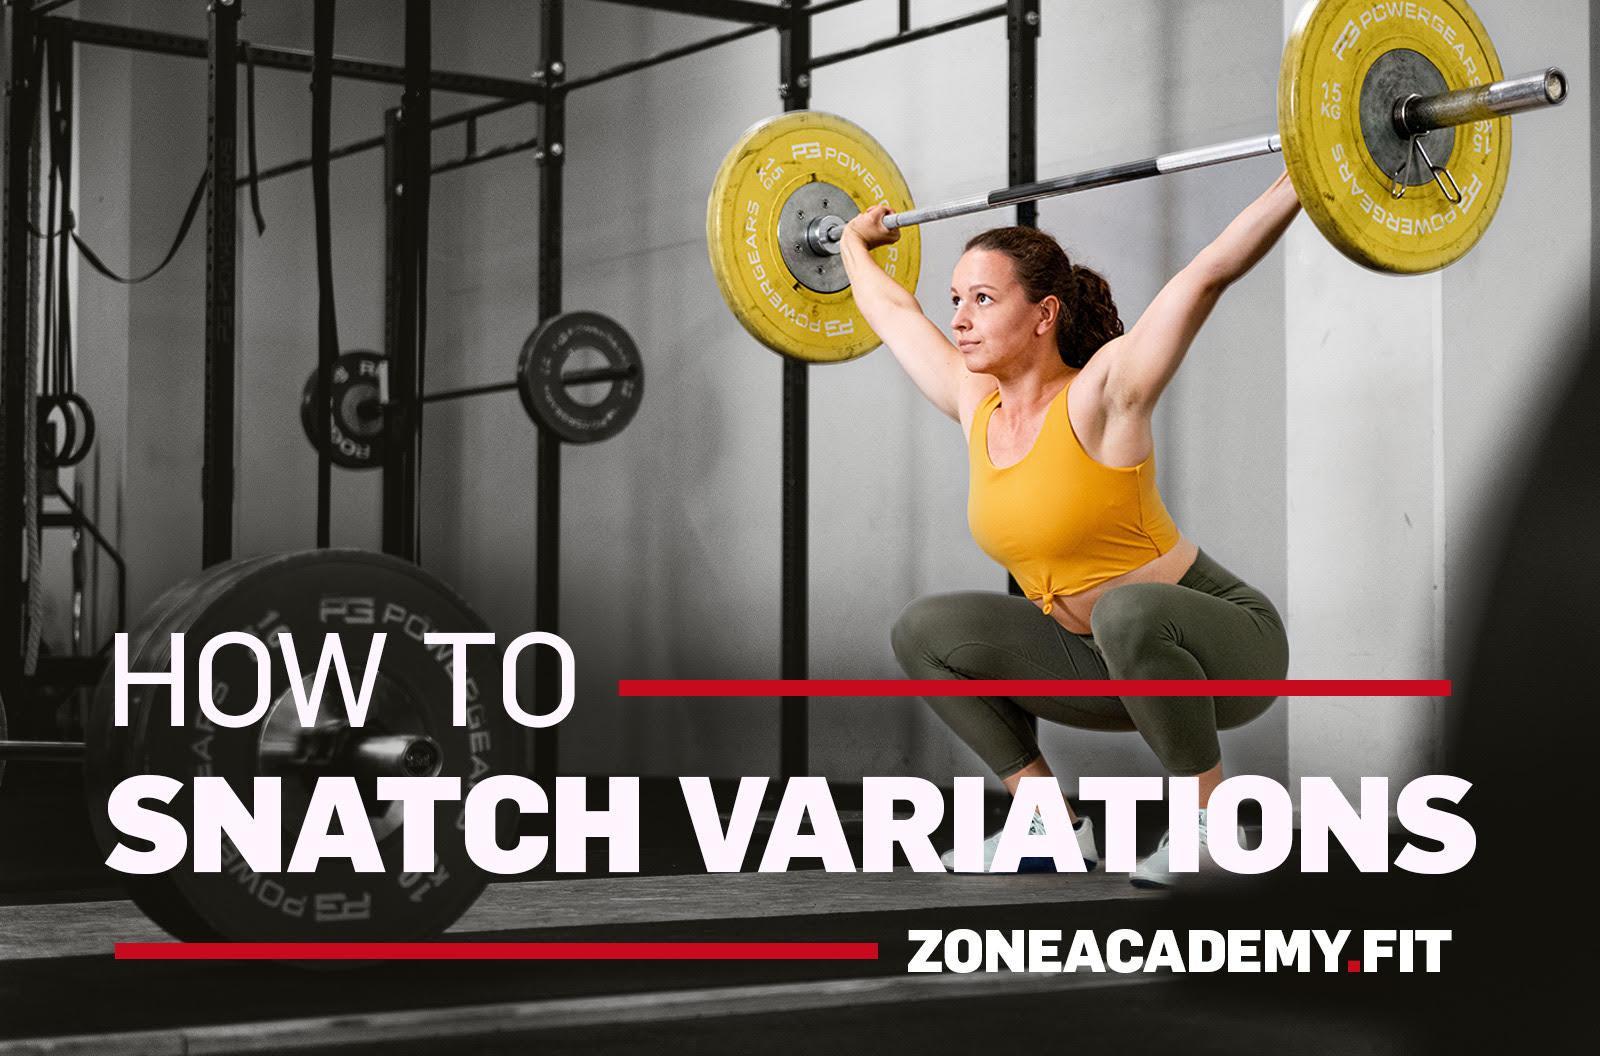 howto snatch varianten gewichtheben lernen